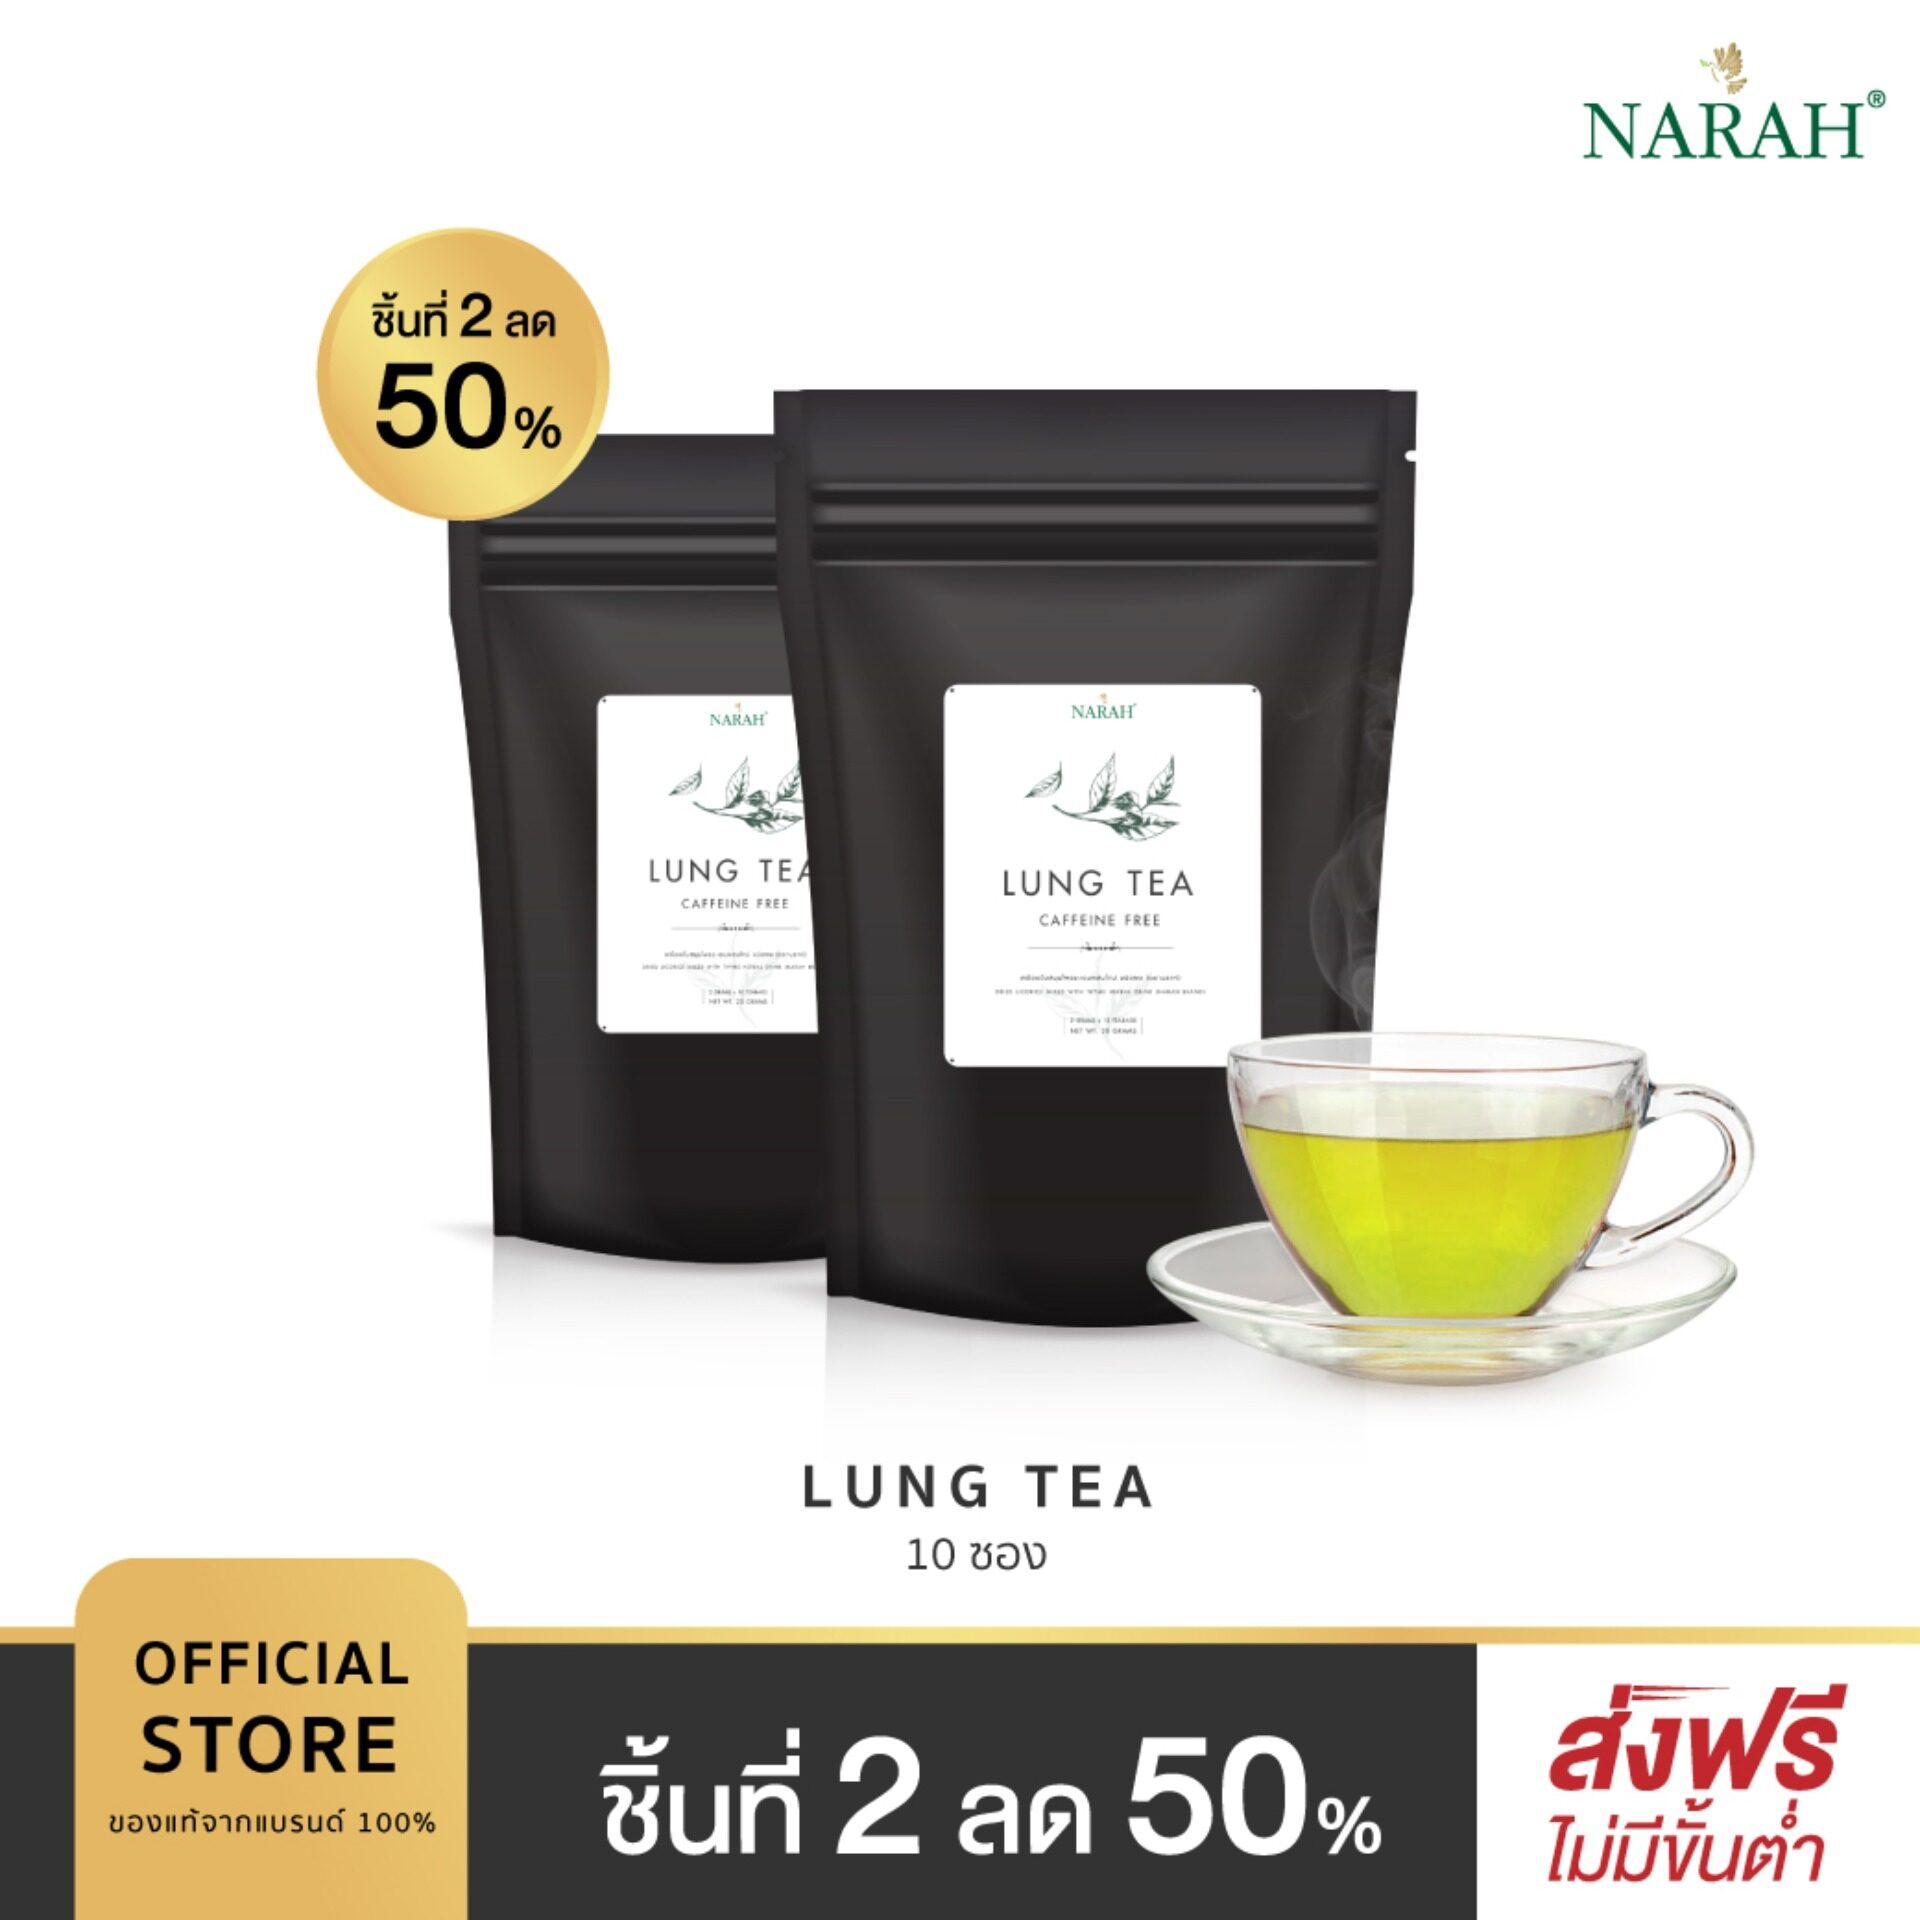 นราห์(narah) ดีท็อกซ์ปอด Pm2.5 /ไวรัส ล้างสารพิษ และเสริมสร้างภูมิคุ้มกัน  : Lung Tea 10 ซอง =2ห่อ : บำรุงปอด และล้างสารพิษออกจากร่างกาย!!.